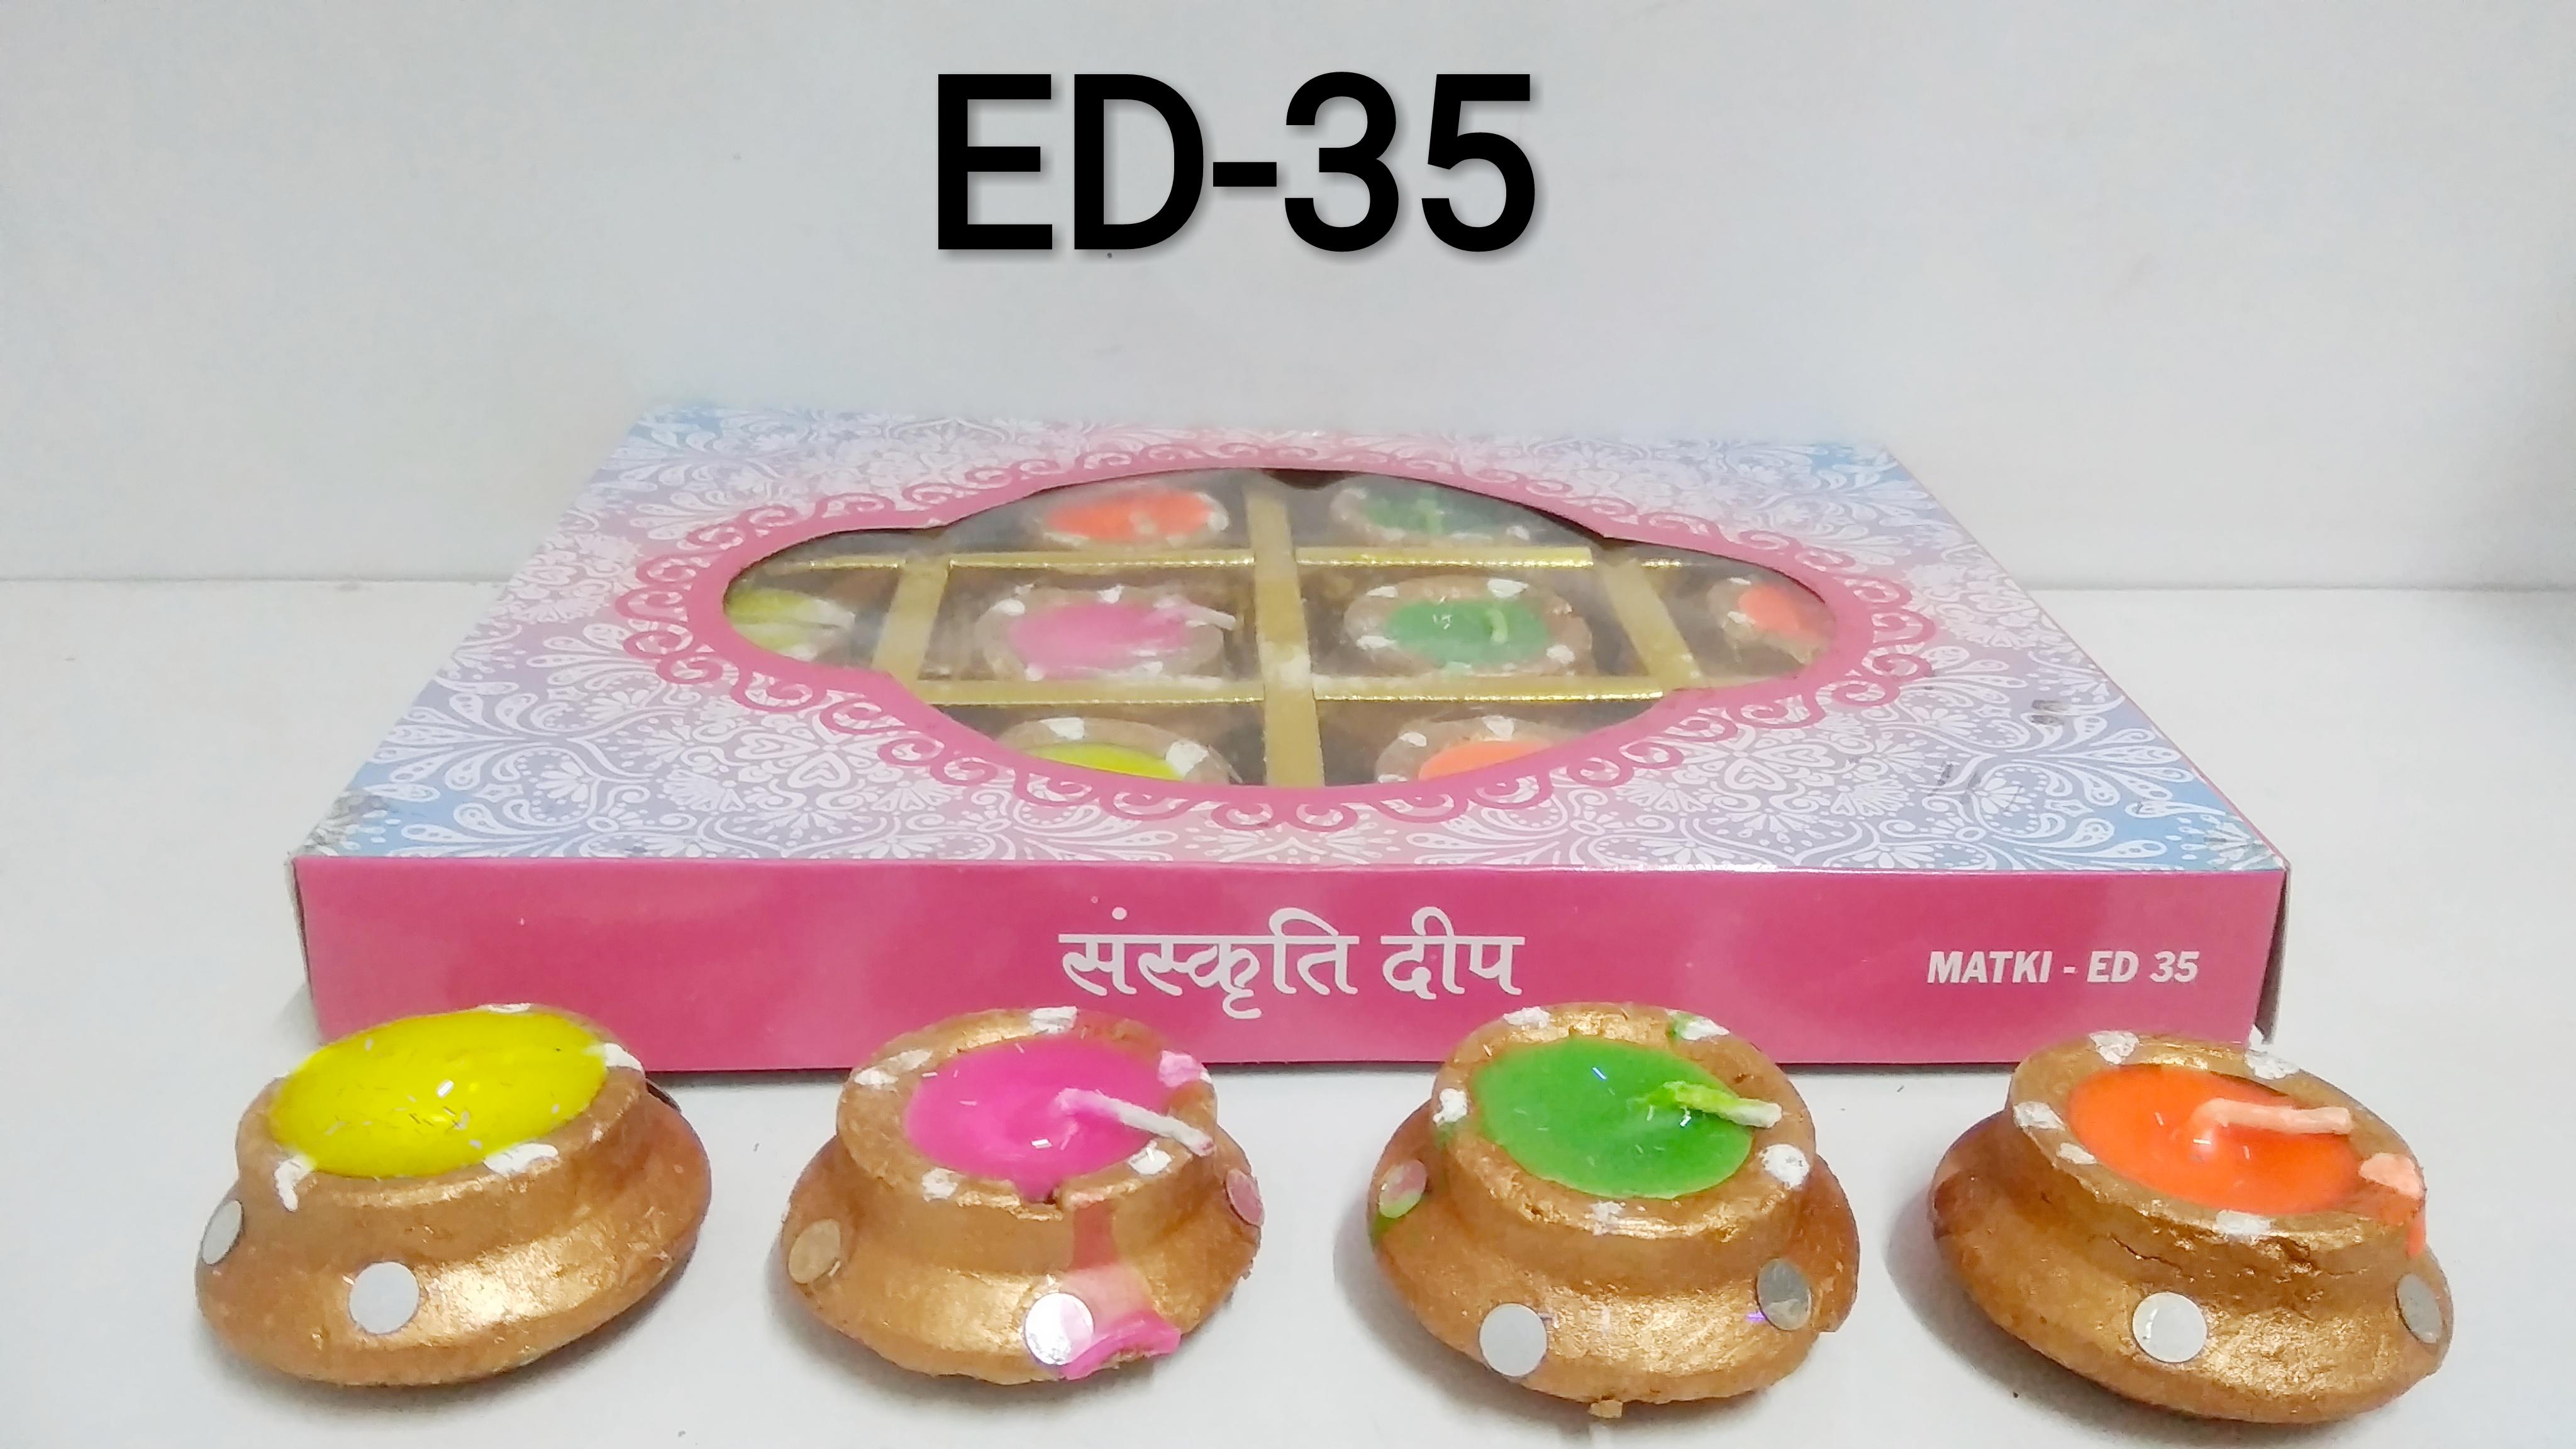 ED-35 Matki